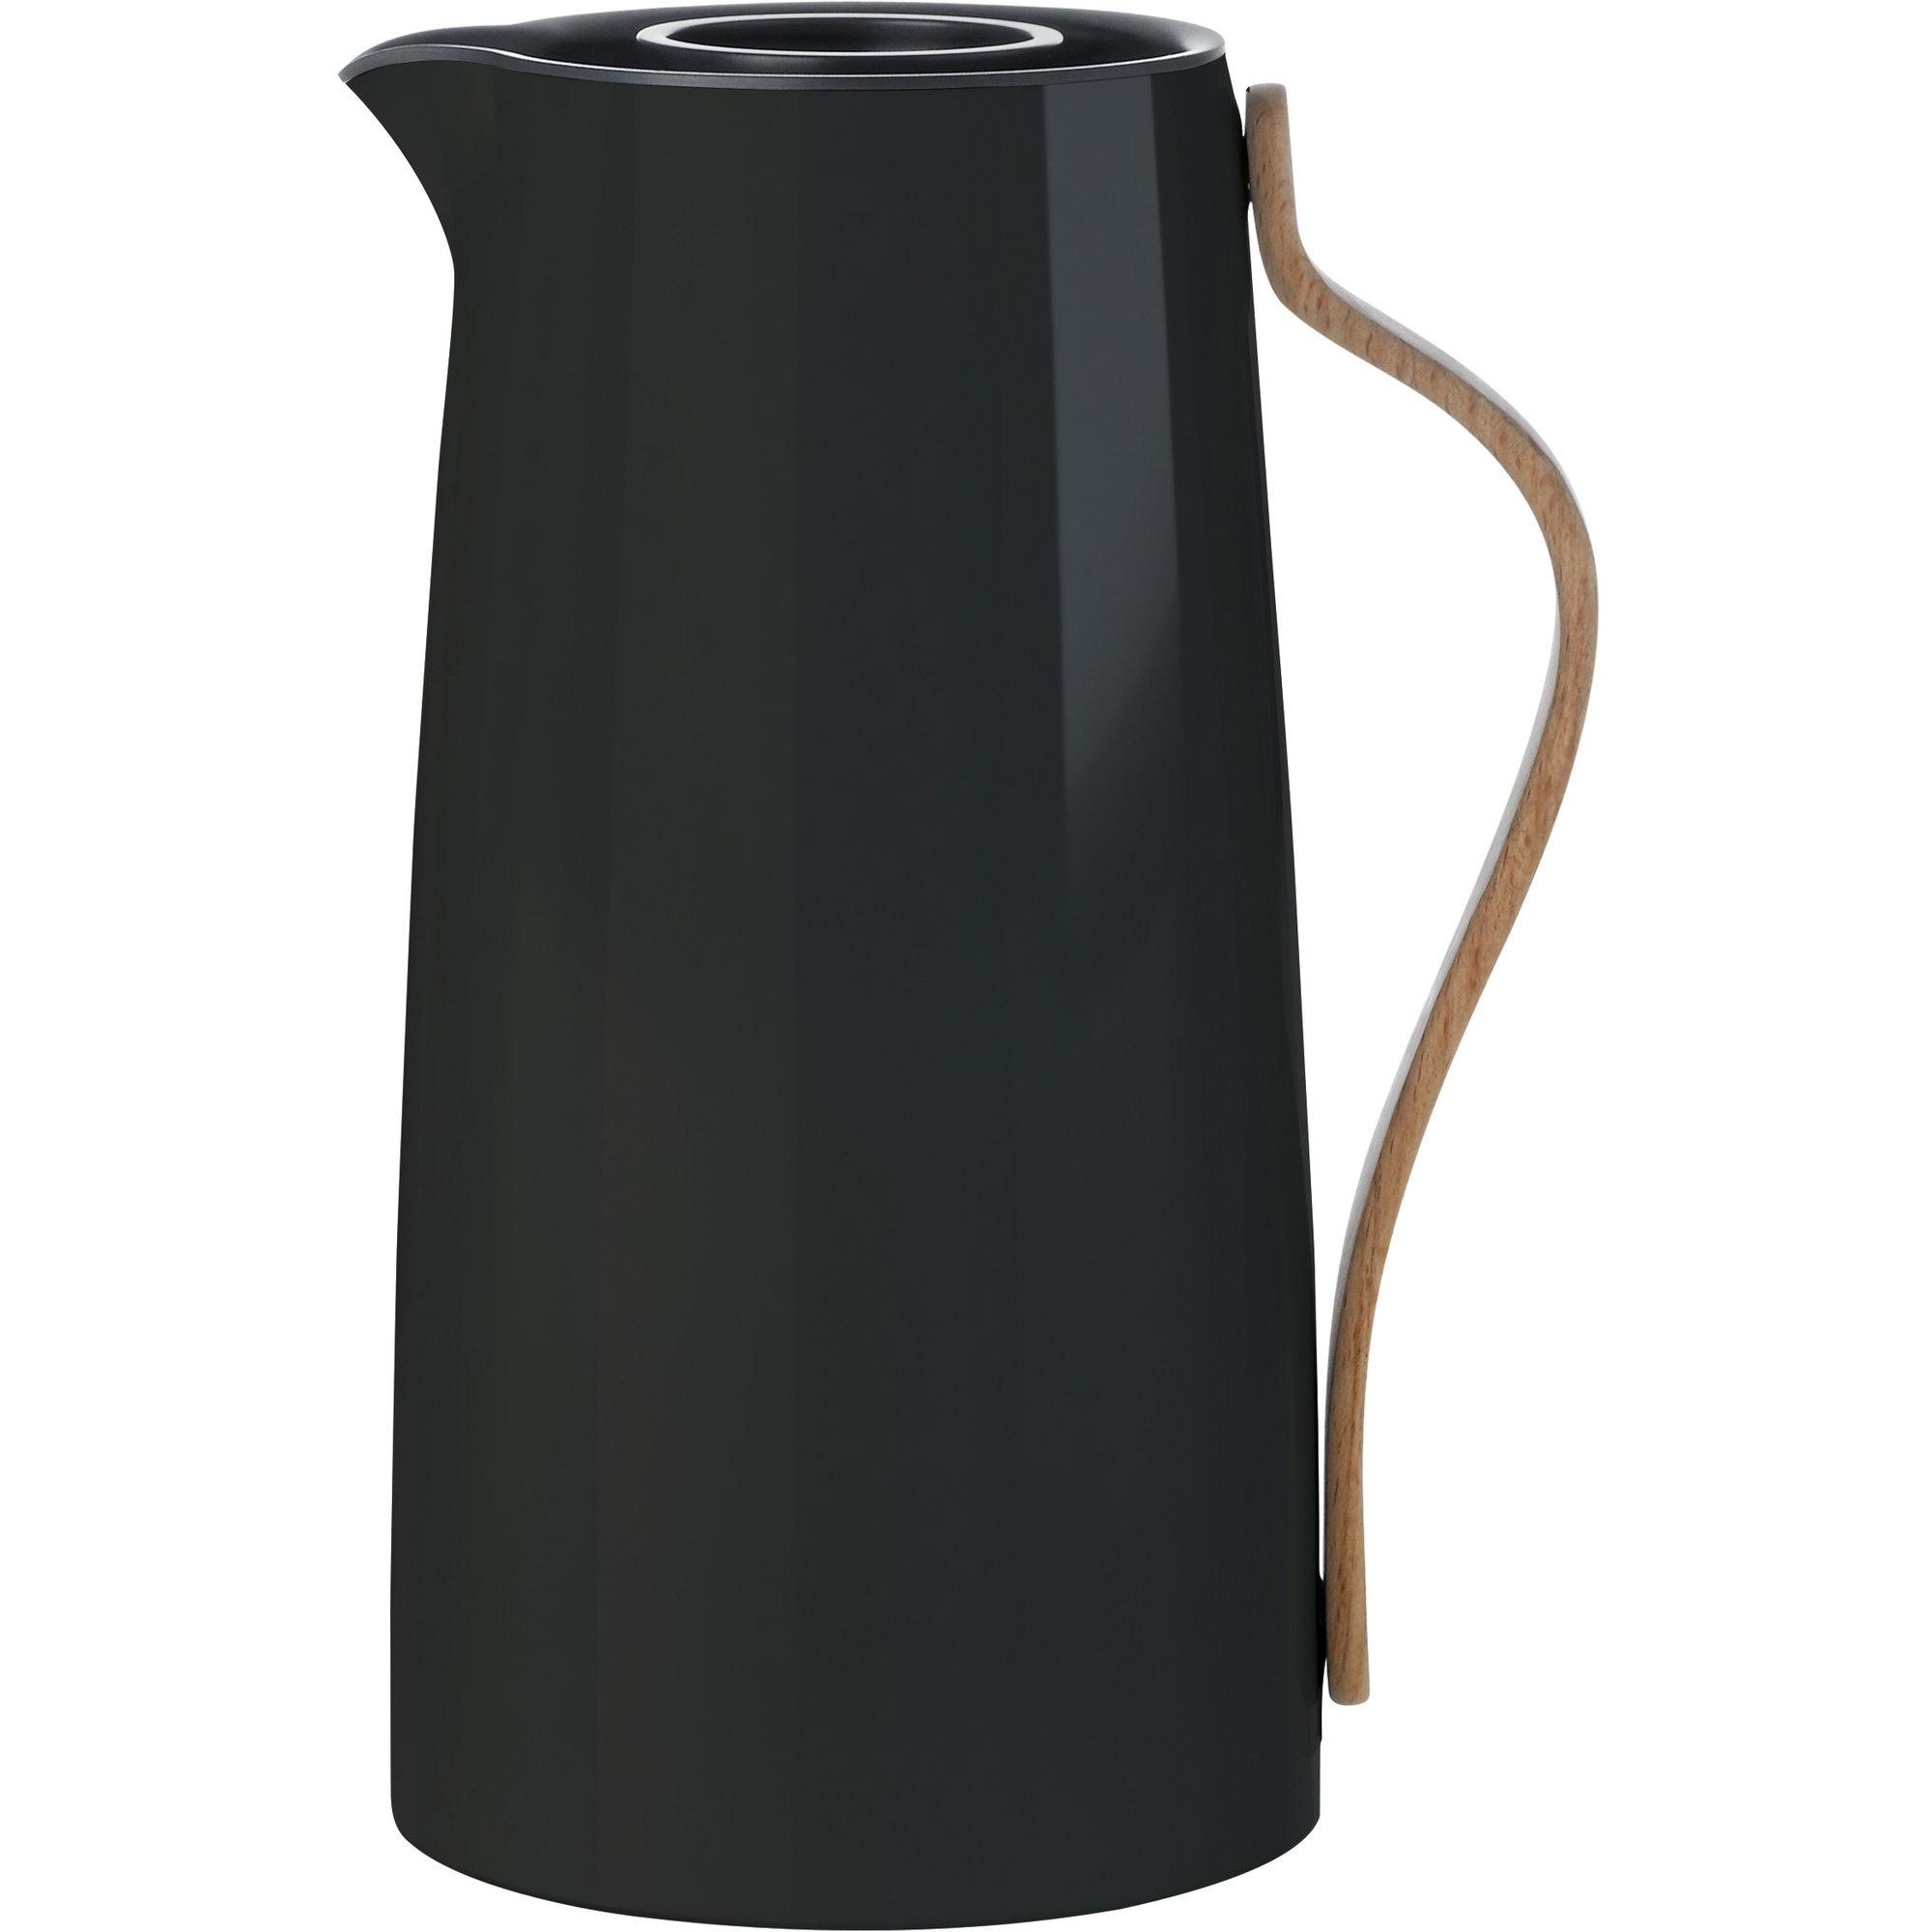 Stelton Emma termoskanna – kaffe 12 liter – svart